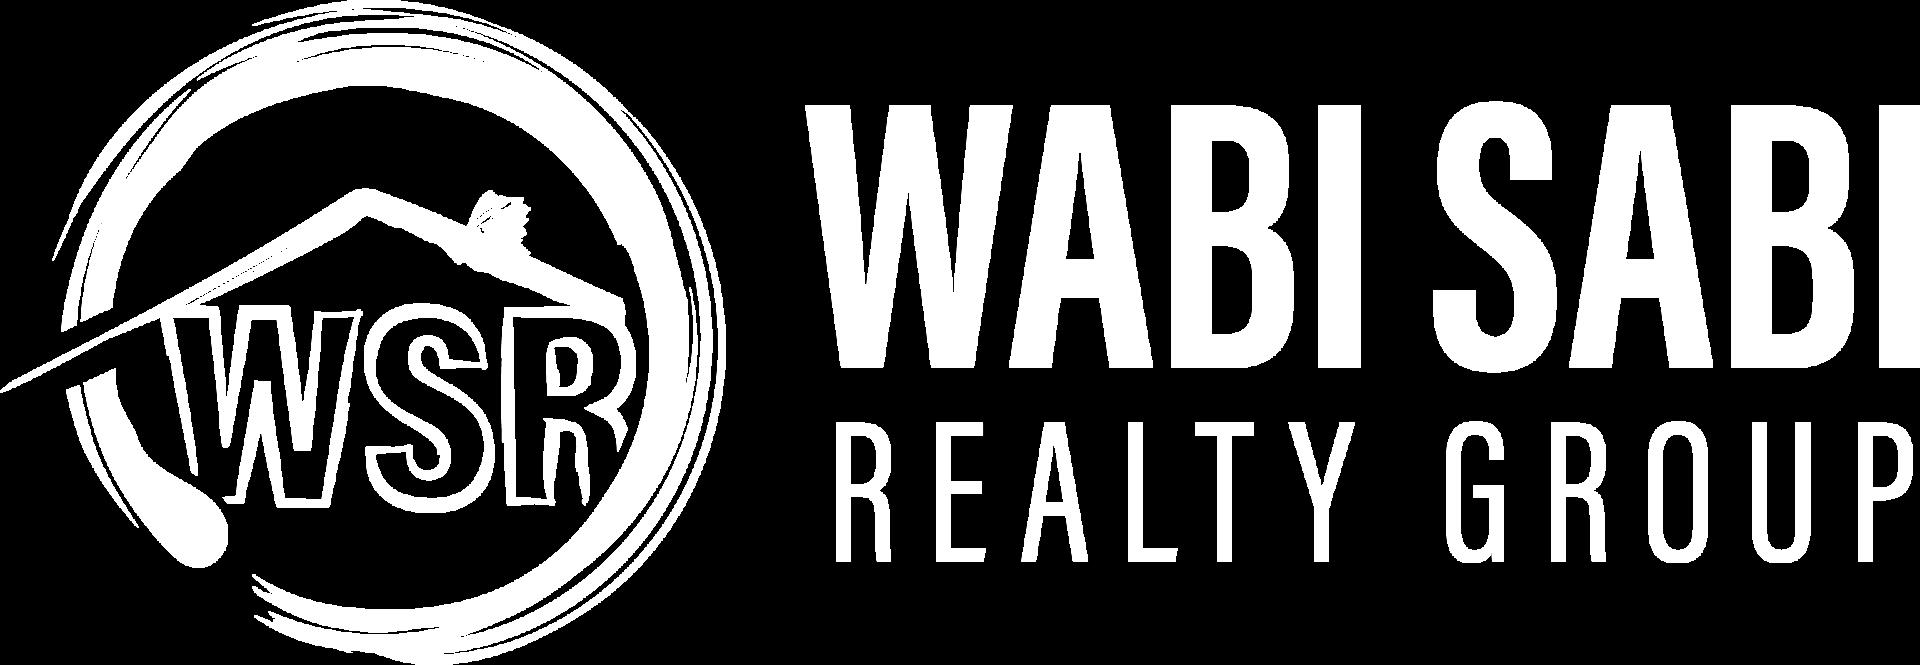 Wabi Sabi Realty Group  logo